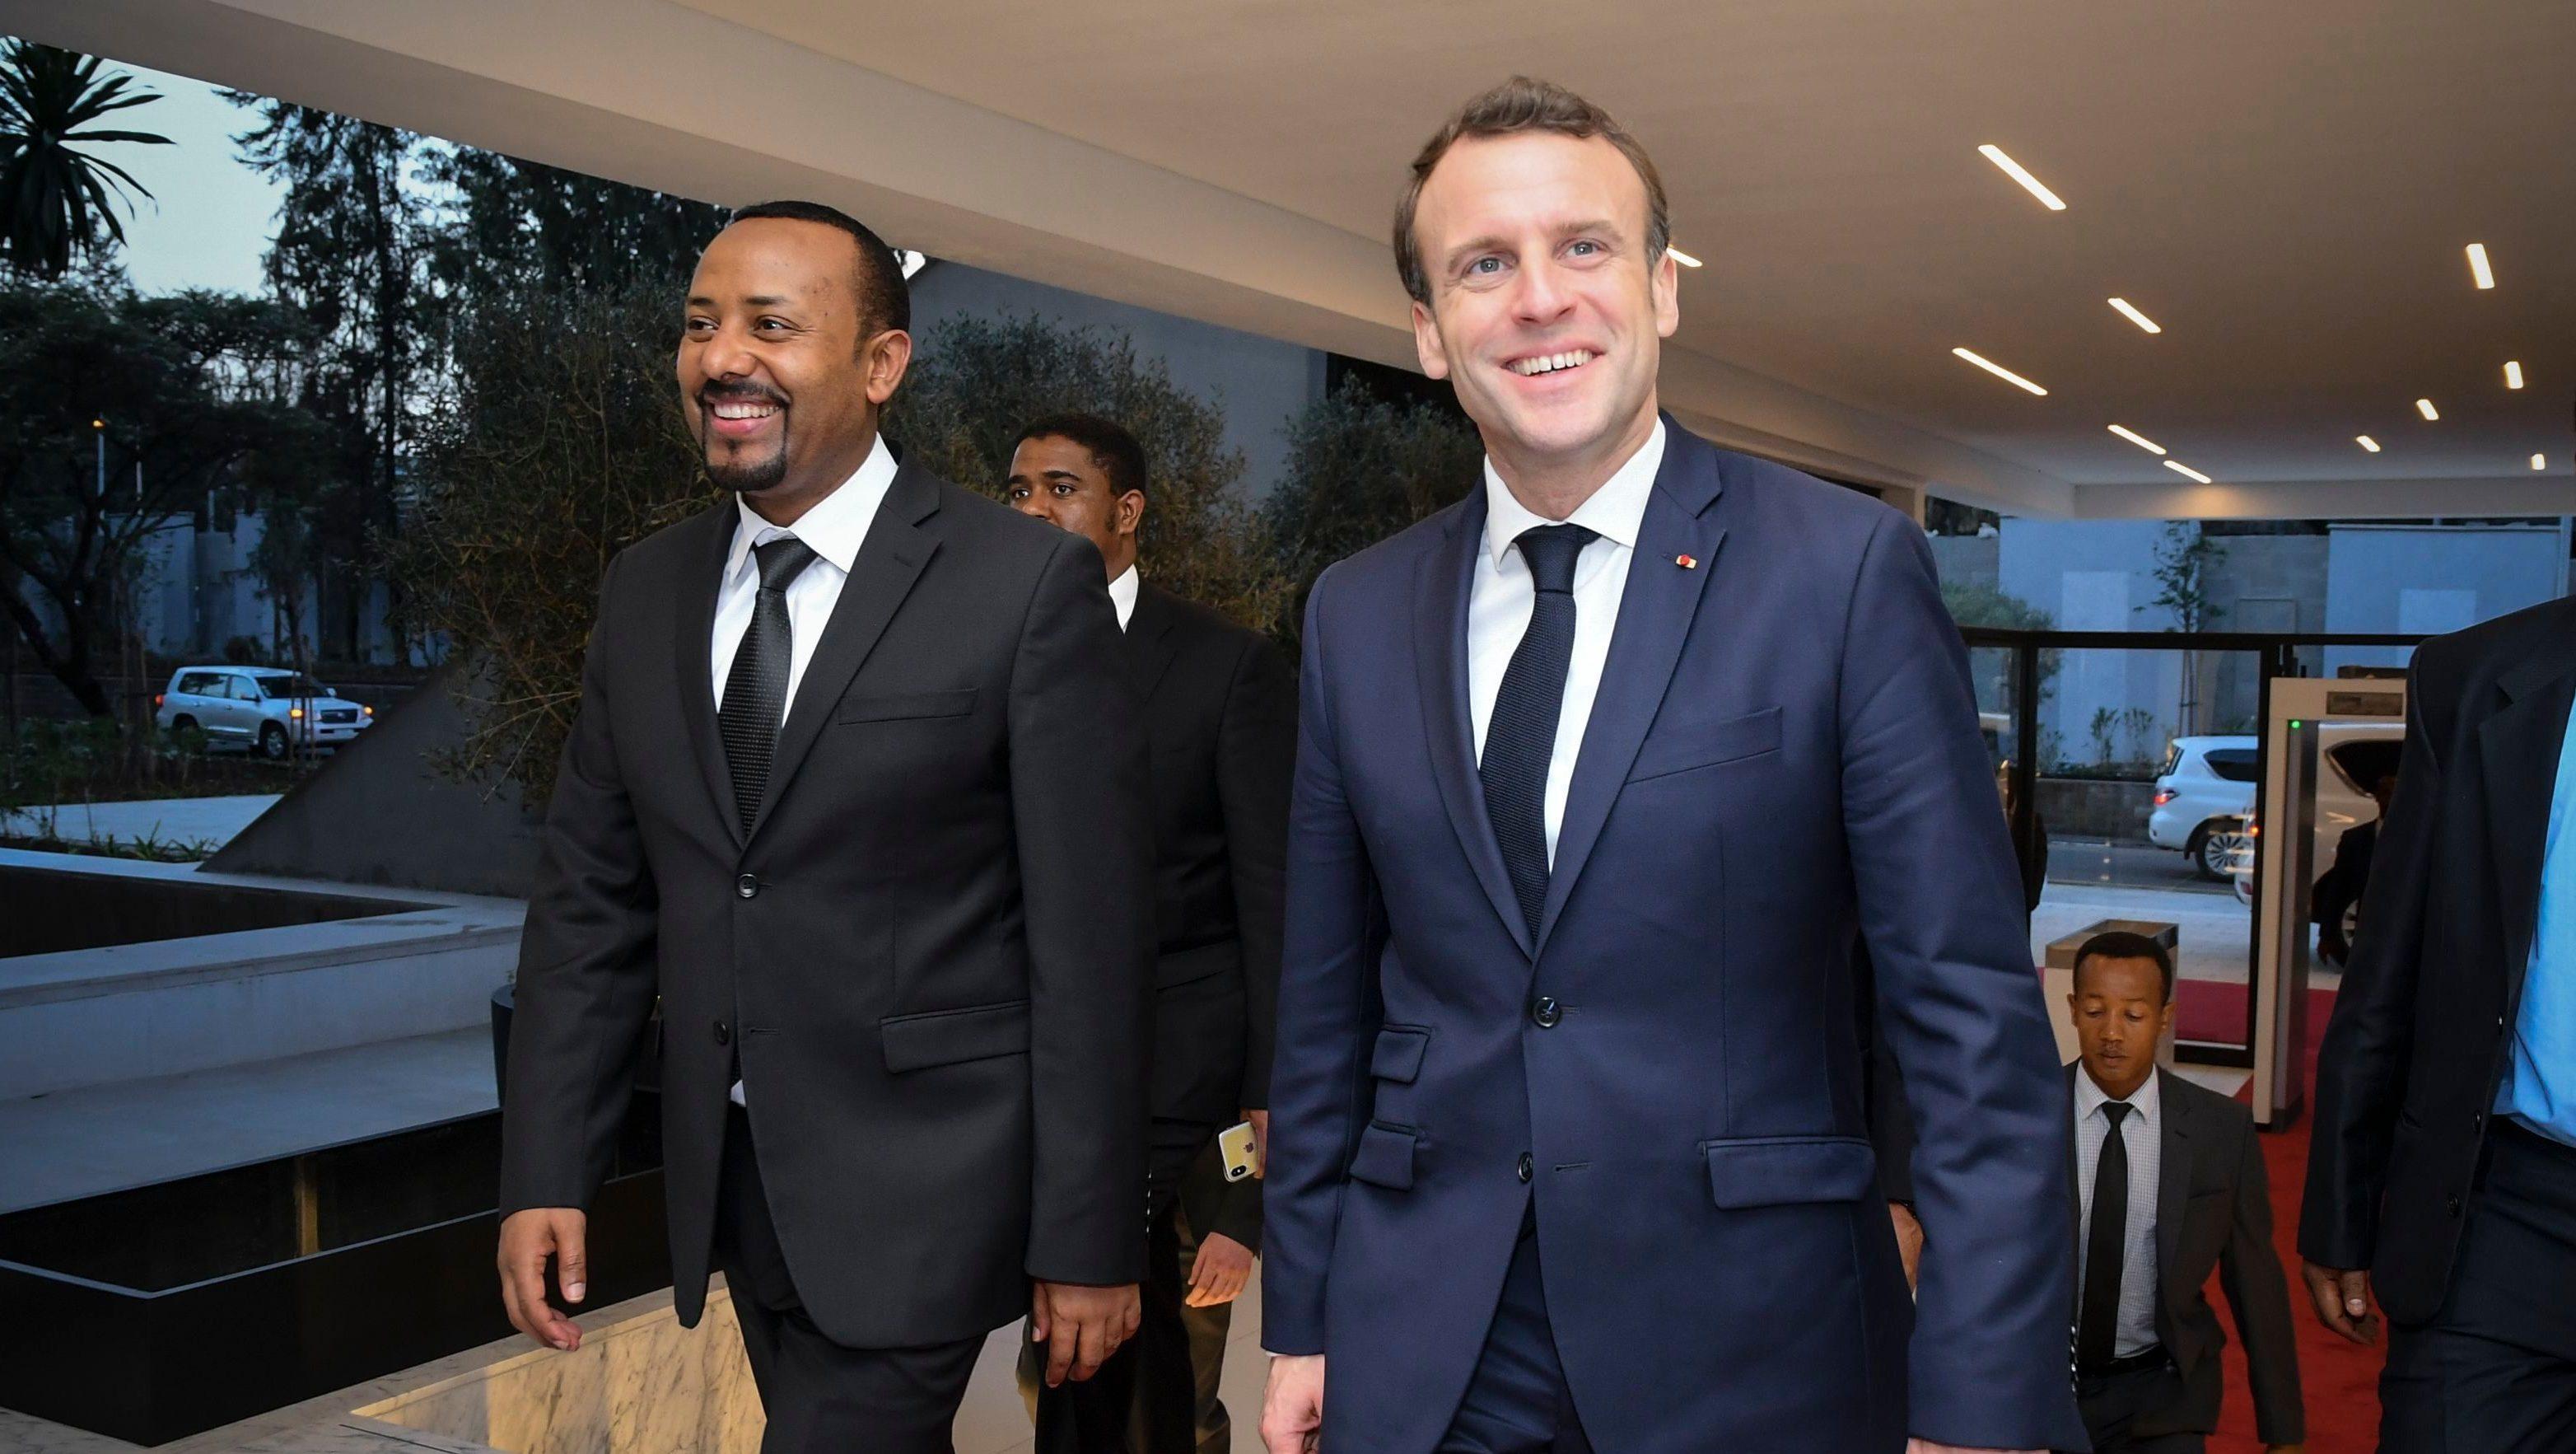 French President Emmanuel Macron visits Ethiopia, Addis Ababa - 12 Mar 2019